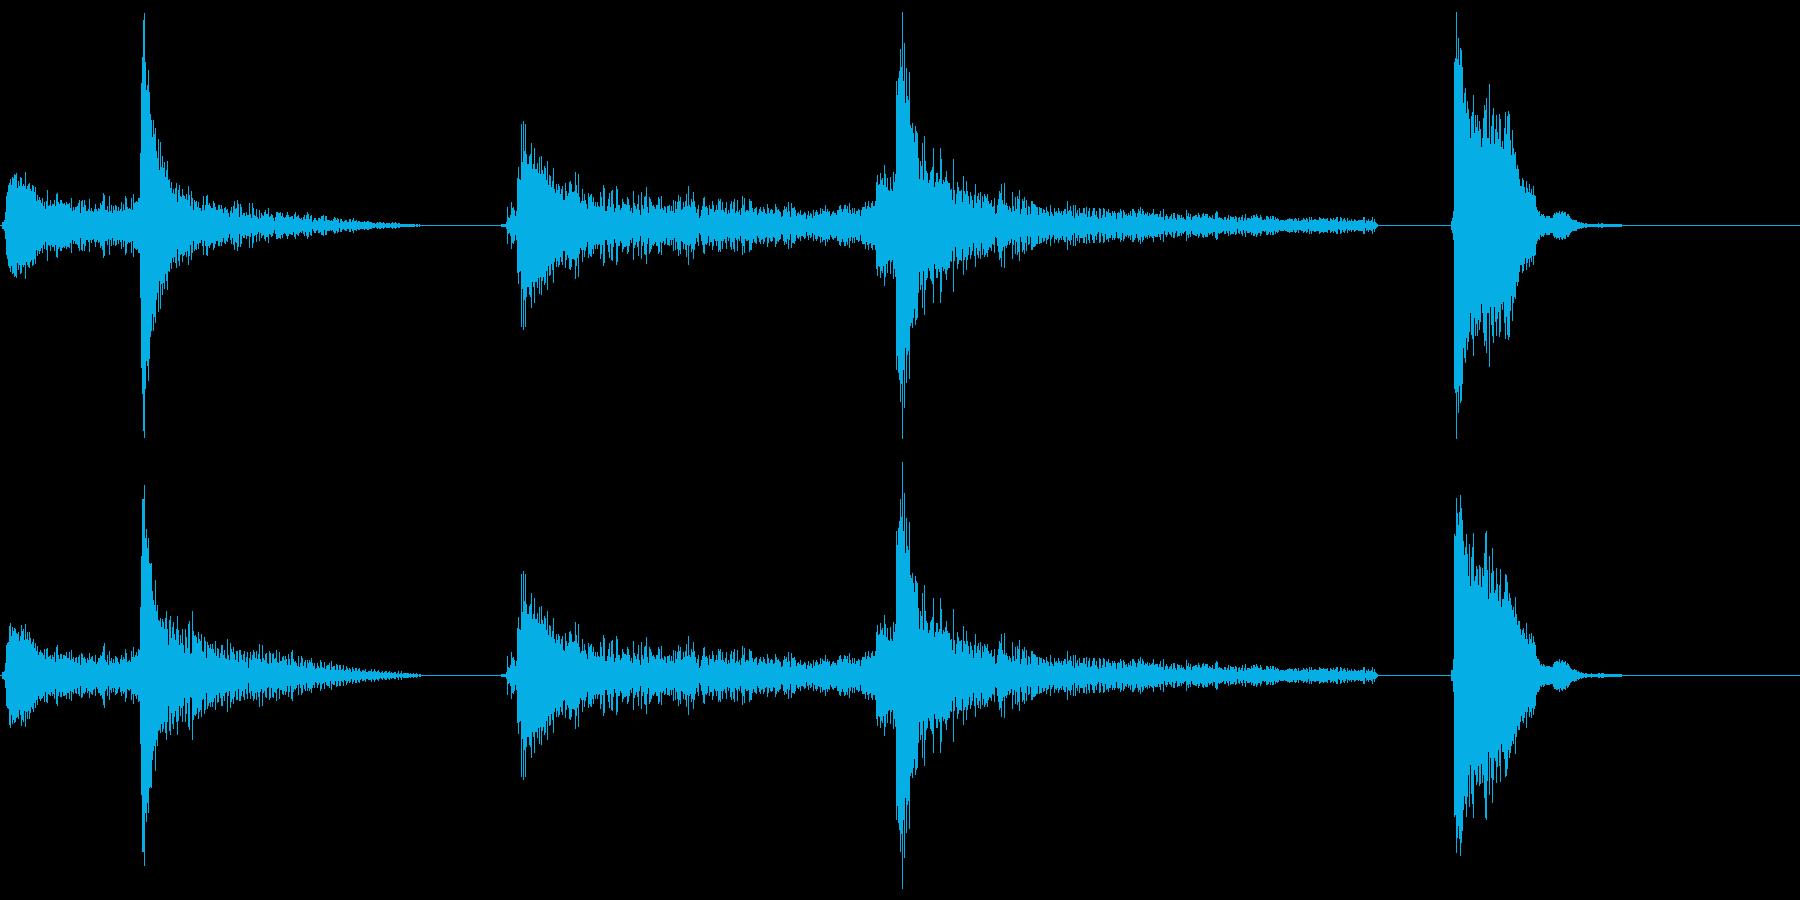 エアロックボルト機構X3の再生済みの波形